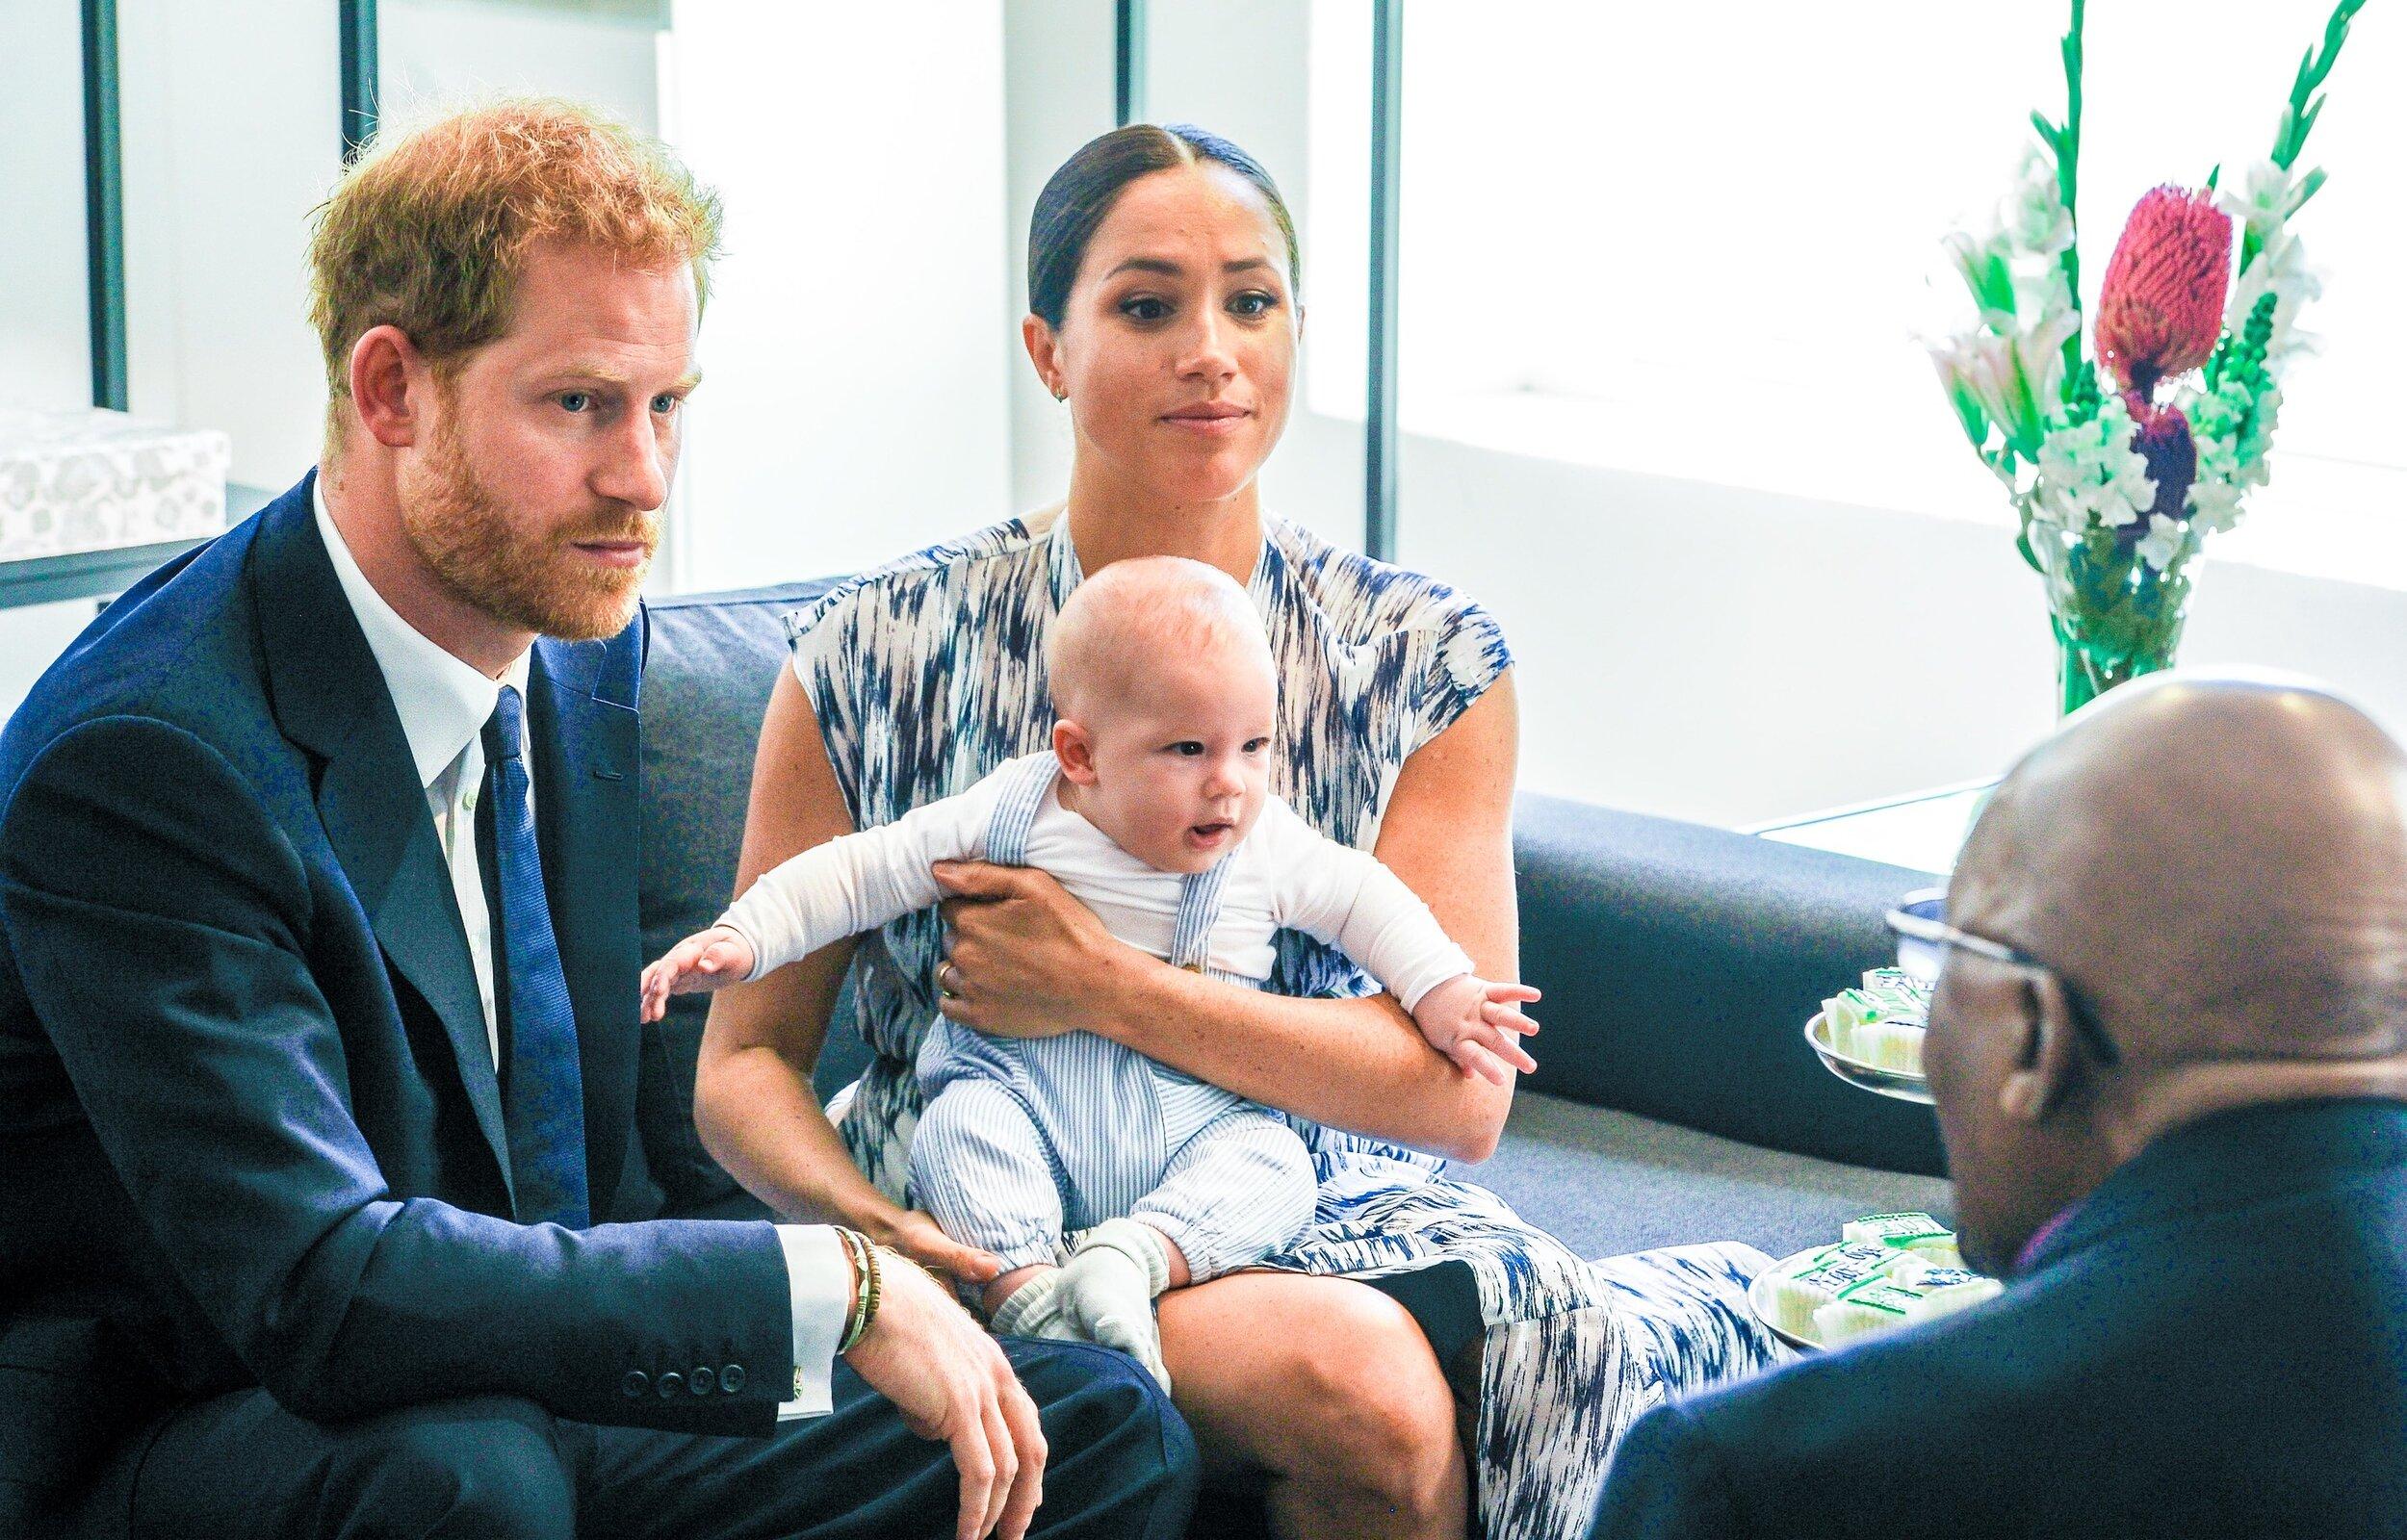 Prinz Harry und Herzogin Meghan besuchen gemeinsam mit Archie den den südafrikanische Bischof und Friedensnobelpreisträger Desmond Tutu.  © alliance / Dutch Press Photo/Cover Images